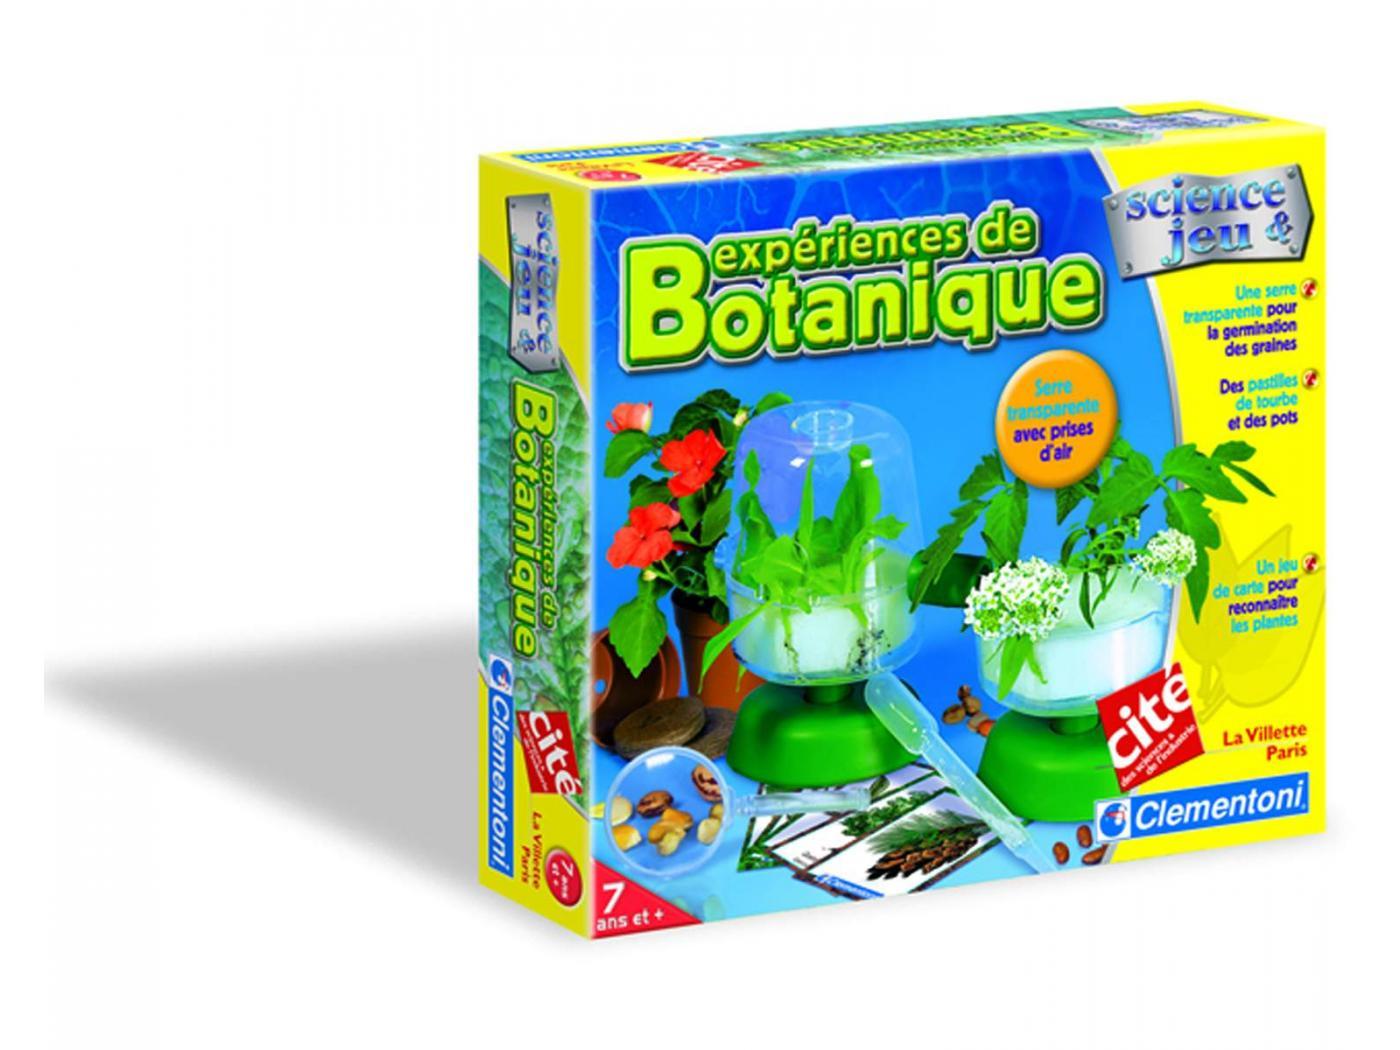 clementoni exp riences de botanique jeux scientifiques. Black Bedroom Furniture Sets. Home Design Ideas